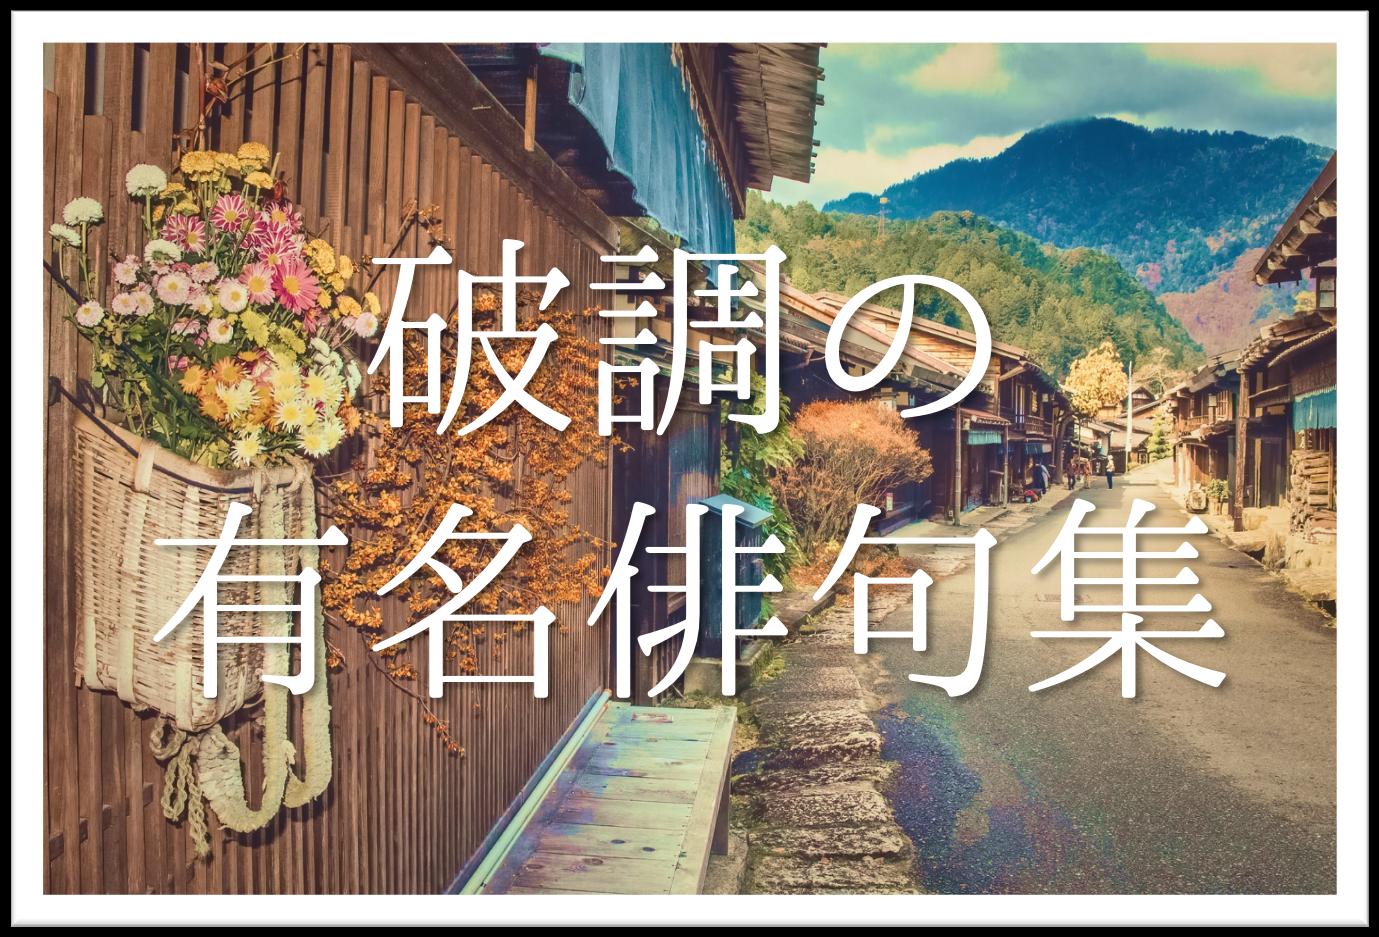 【破調の有名俳句 20選】知っておきたい!!おすすめ有名俳句を紹介!